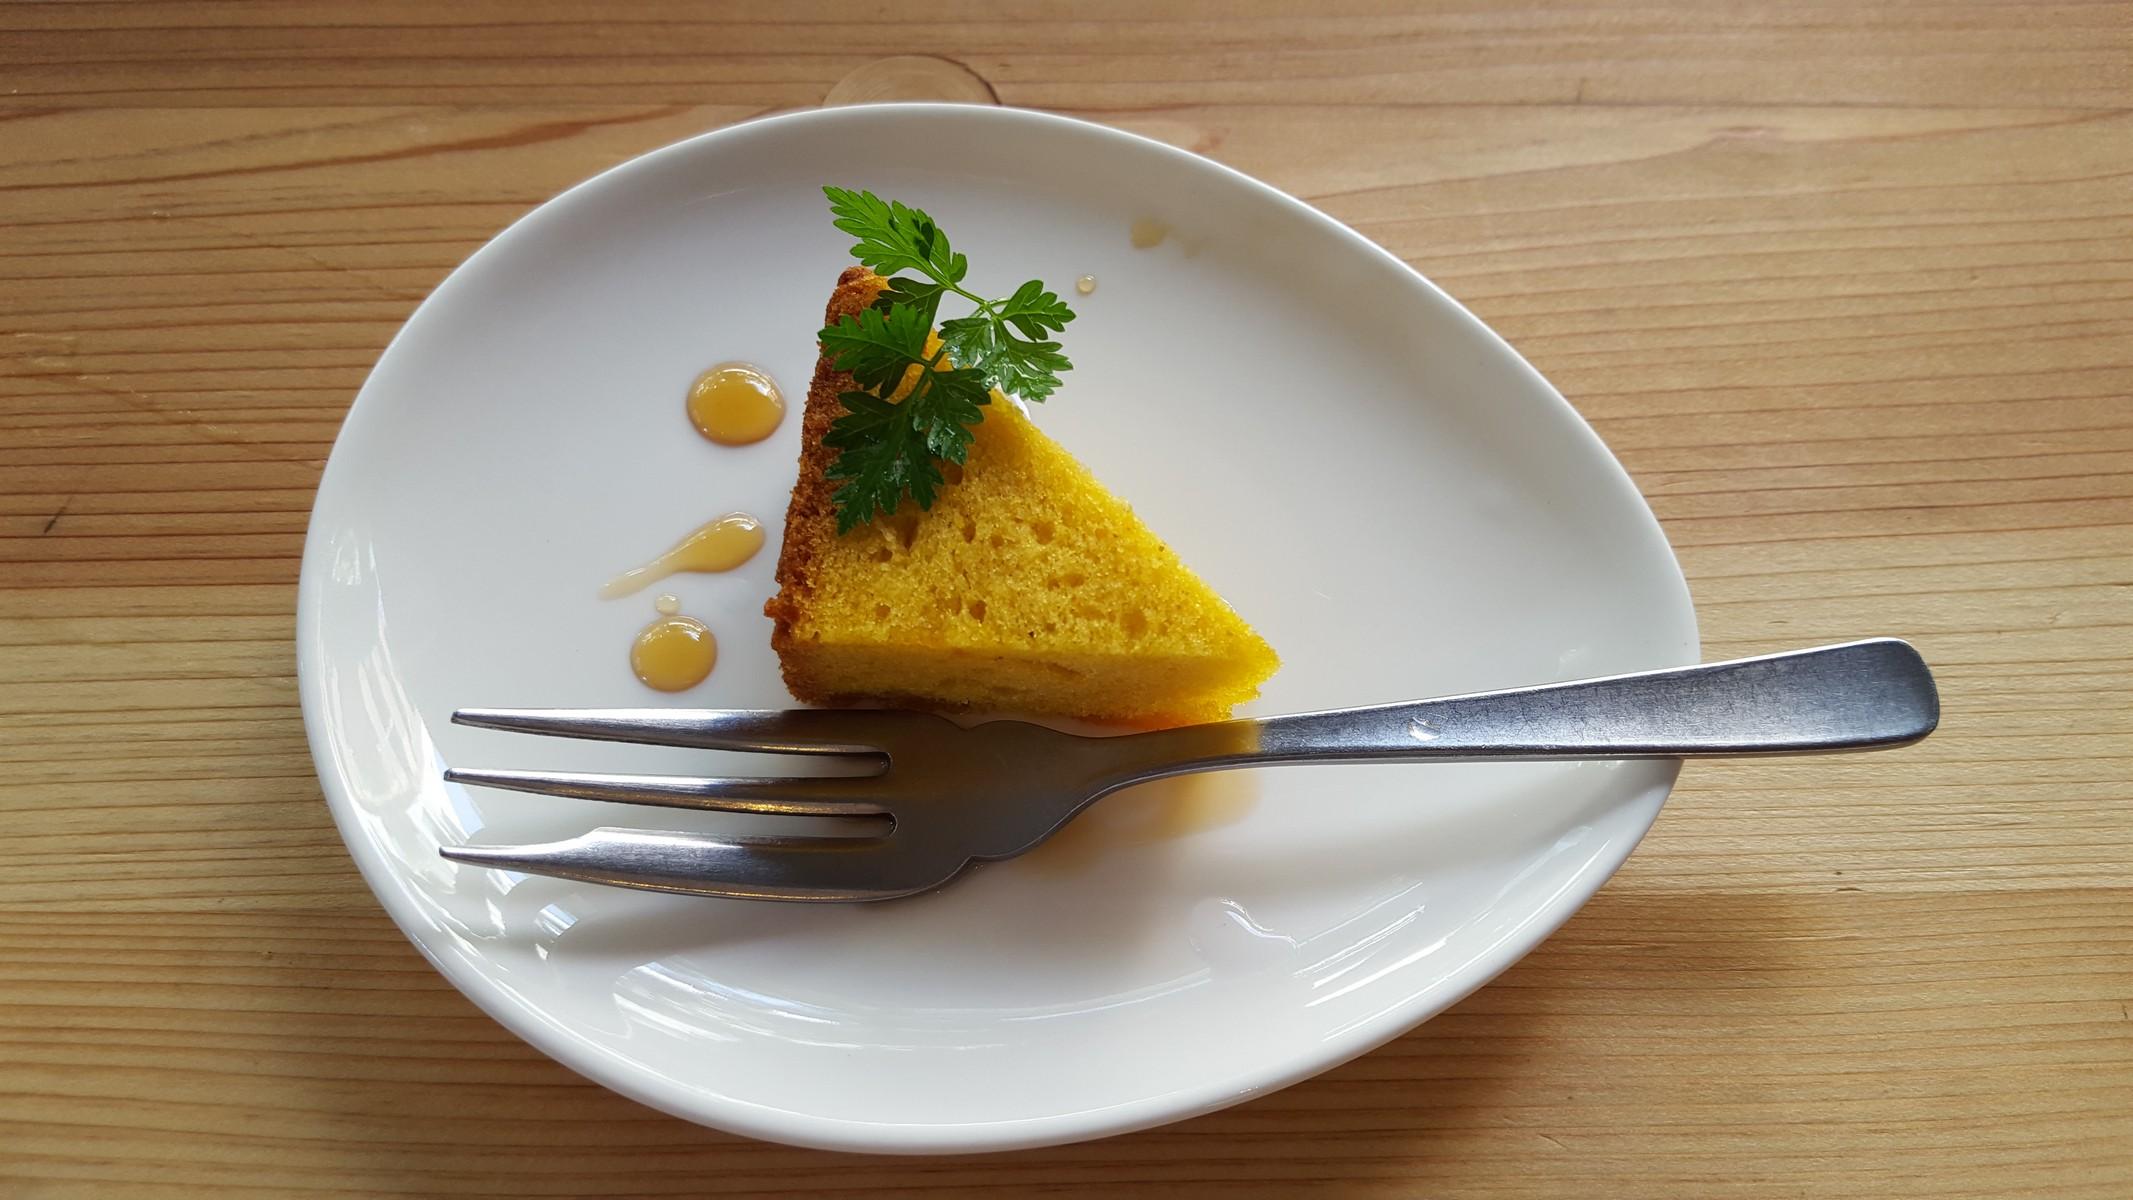 デザート(紅茶のパウンドケーキ)【オーガニックデリみどりえ/祐天寺】